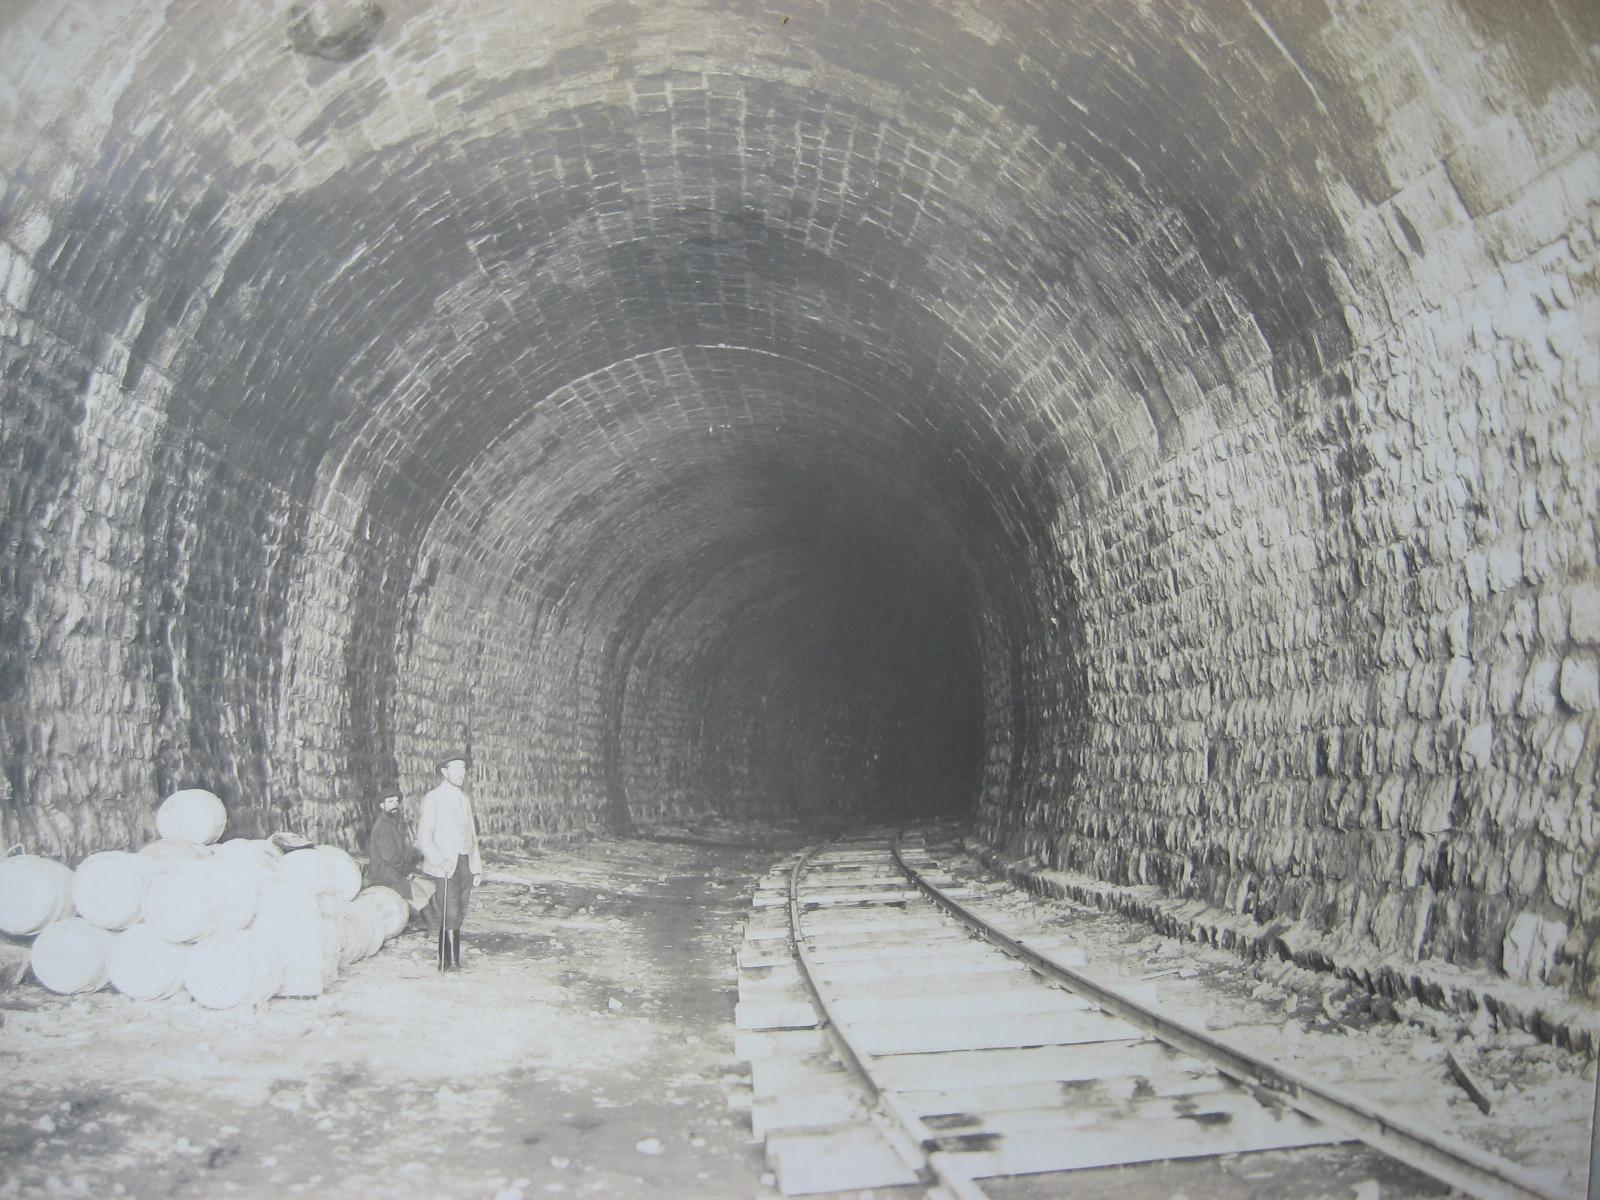 55. Внутренняя обделка тоннеля каменного кладкой. Фото 1904 года.